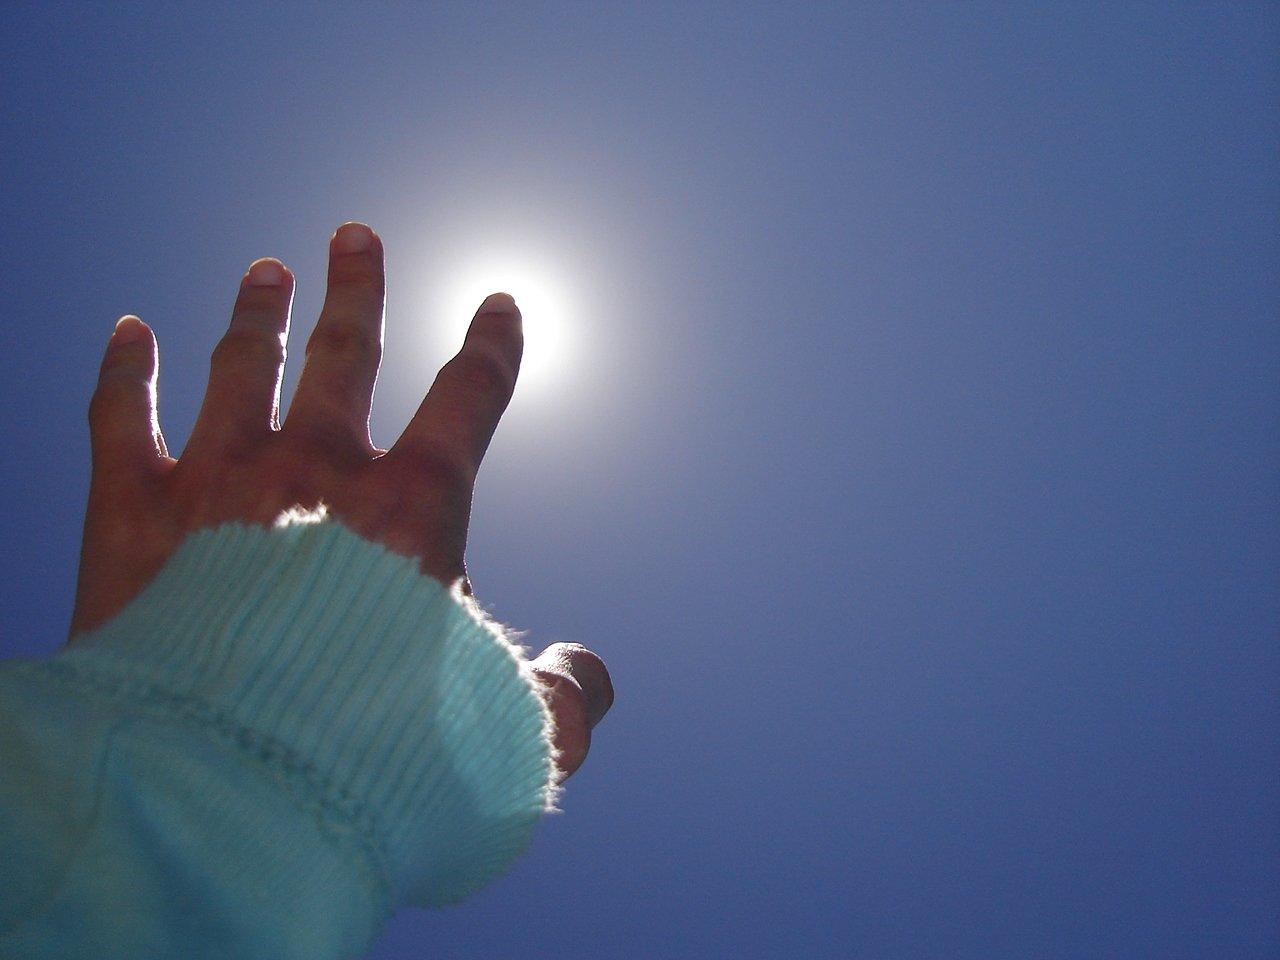 Din viden om modermærkekræft har betydning for din risiko for solskoldninger